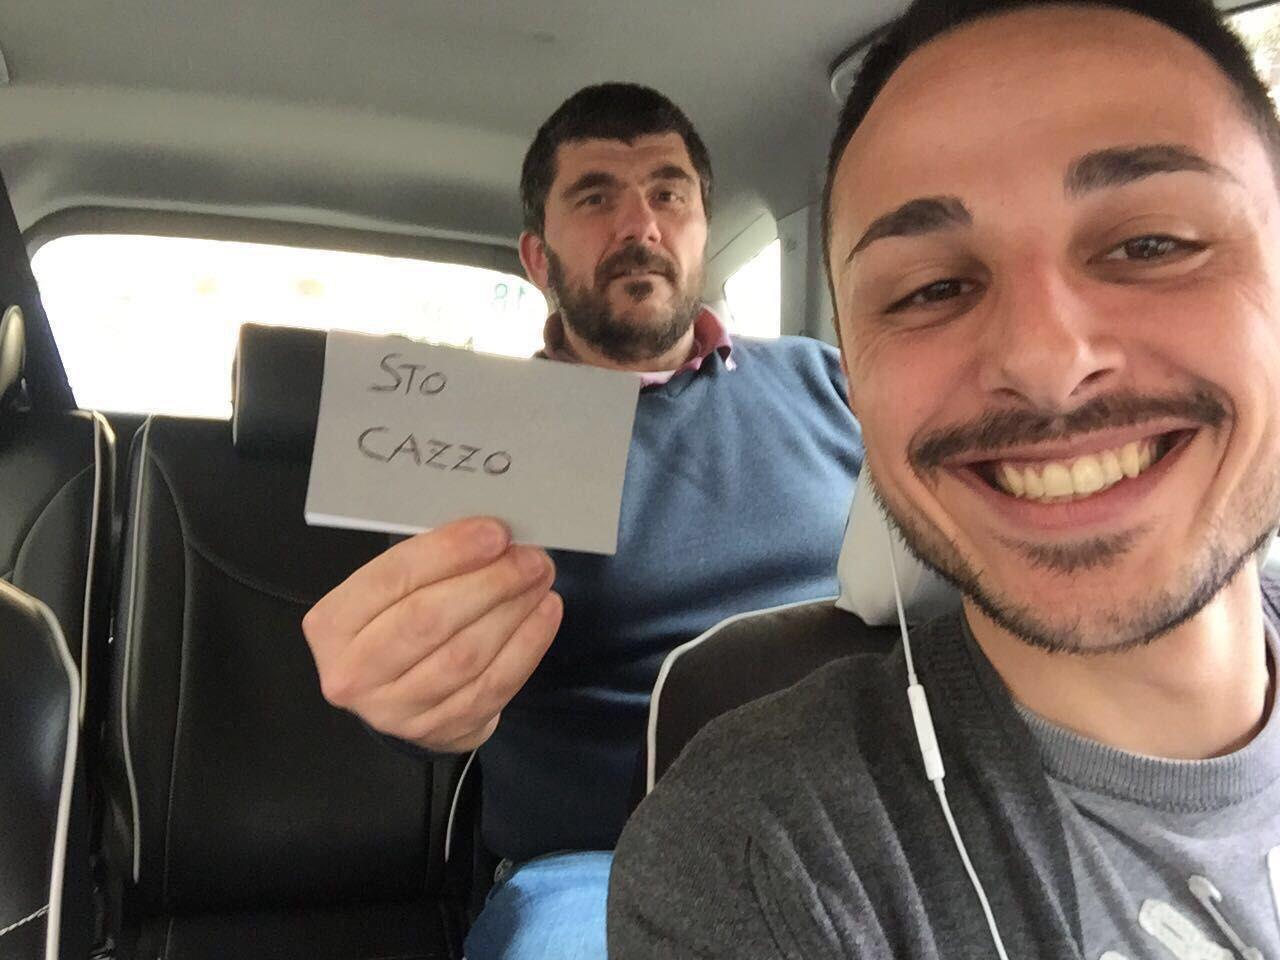 Immagini divertenti per WhatsApp - Due ragazzi in automobile con un biglietto